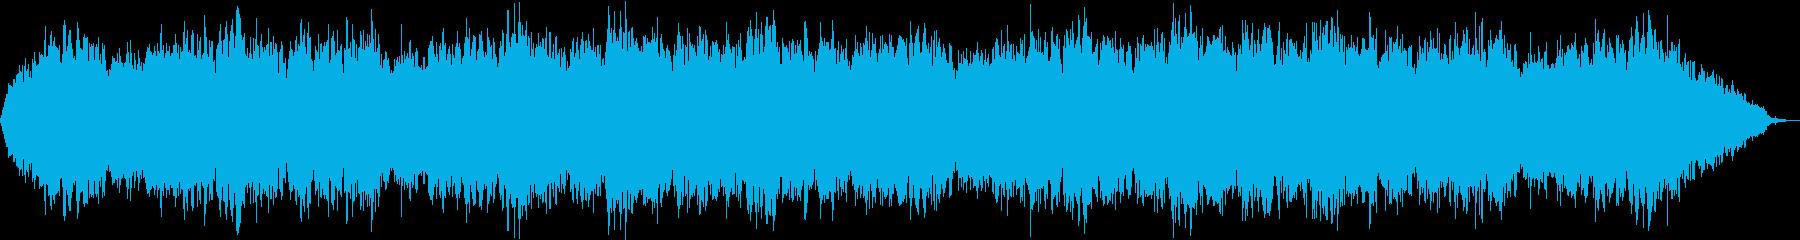 自然音と 癒されるスピリチュアルBGMの再生済みの波形